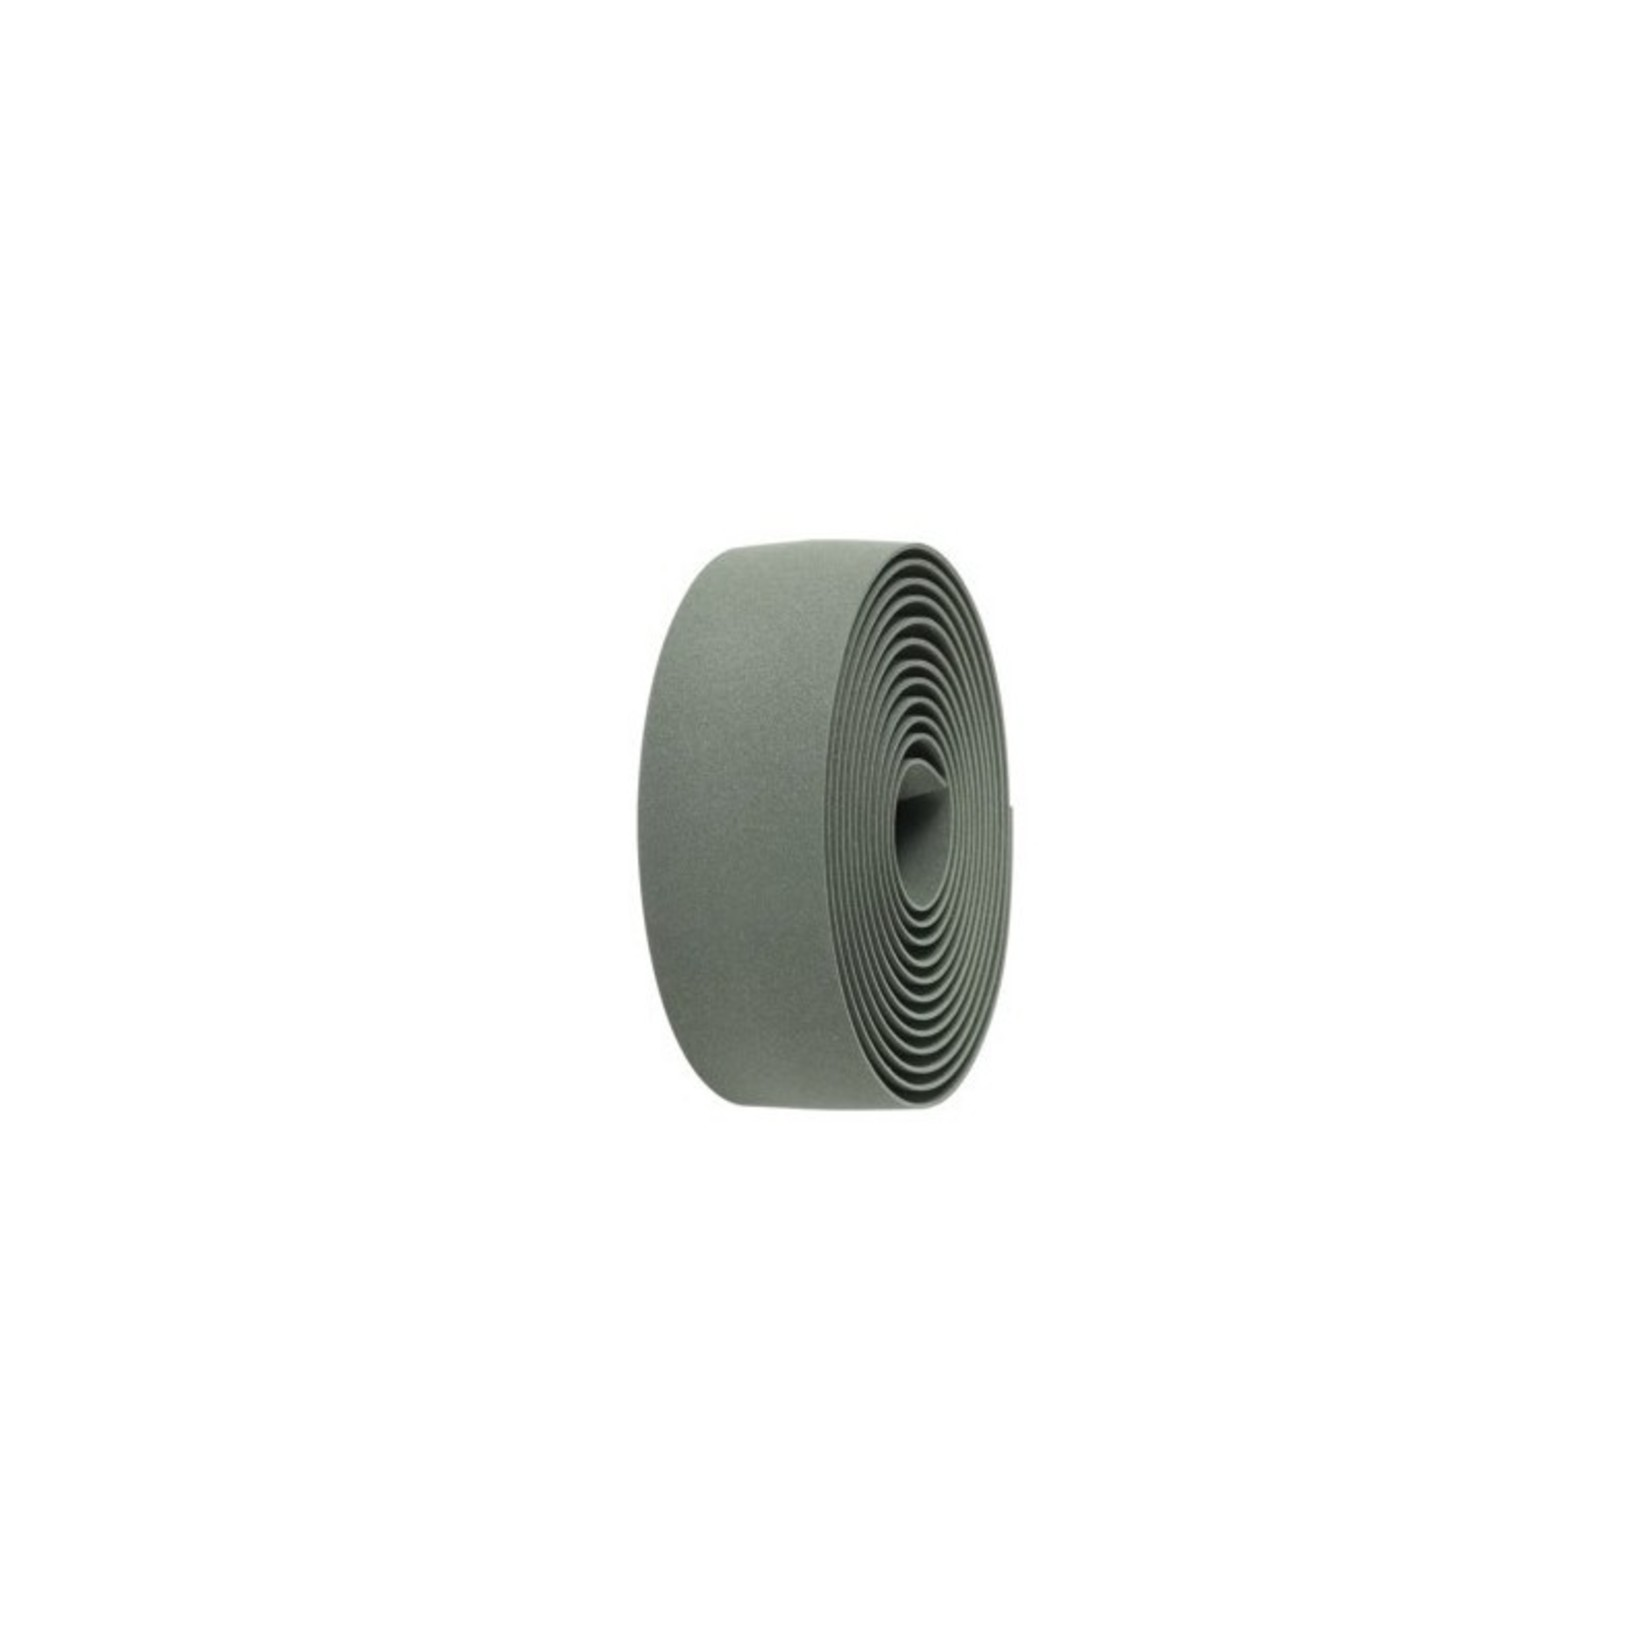 BBB Handlebar Tape - RaceRibbon - Olive